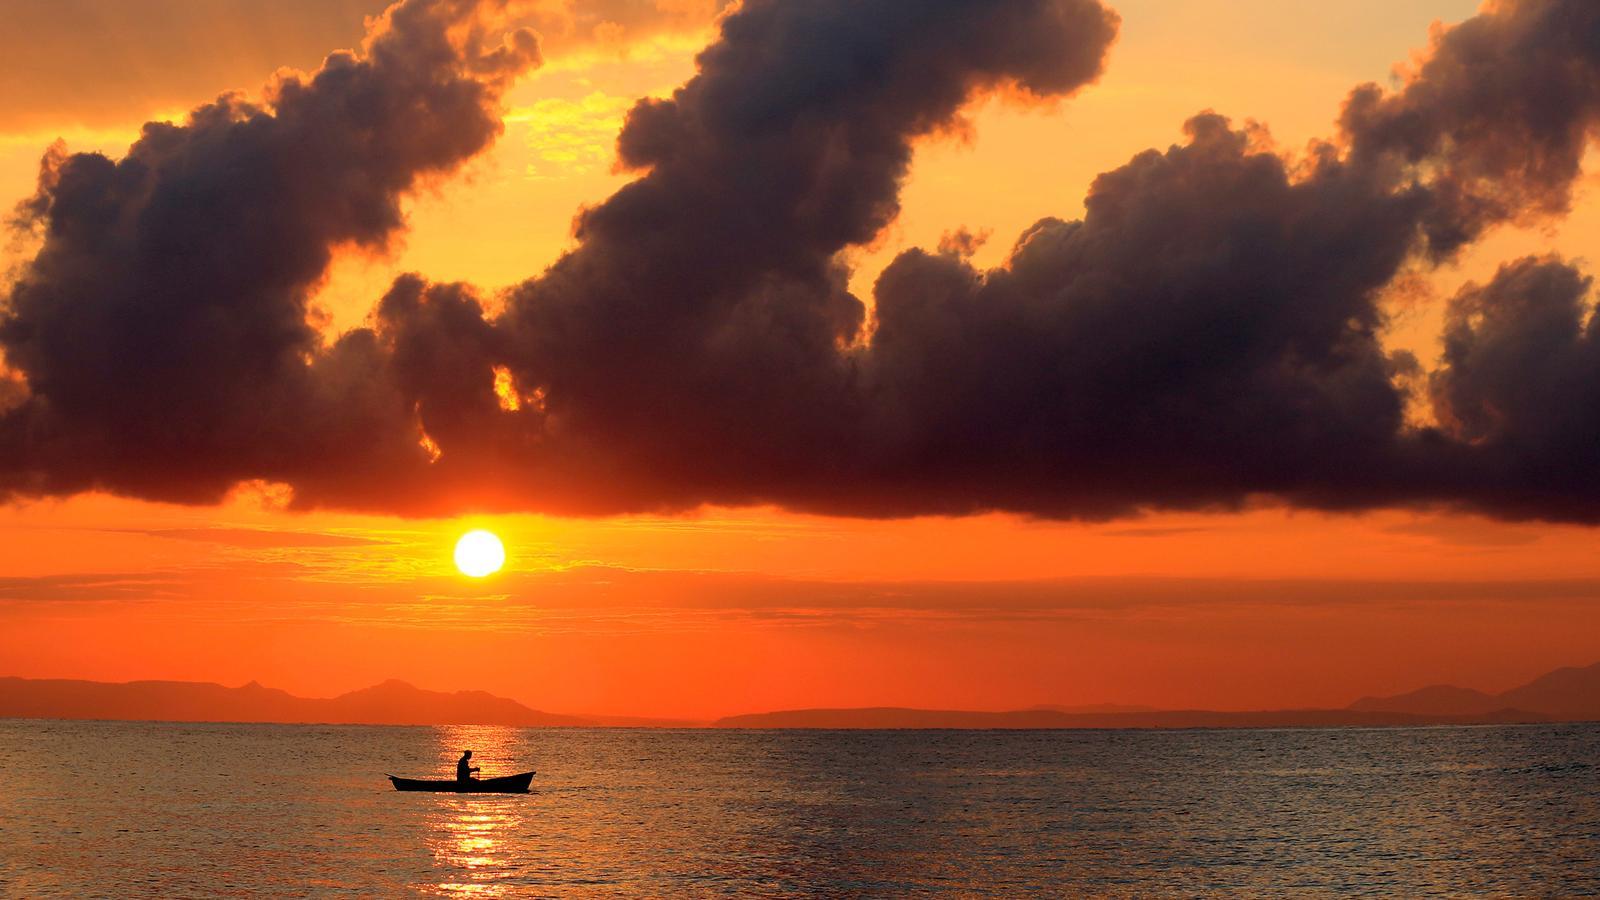 traveljunkies Sonnenuntergang über Malawisee Abenteuerreise Afrika Reisen für junge Leute Seregeti Safari Sansibar